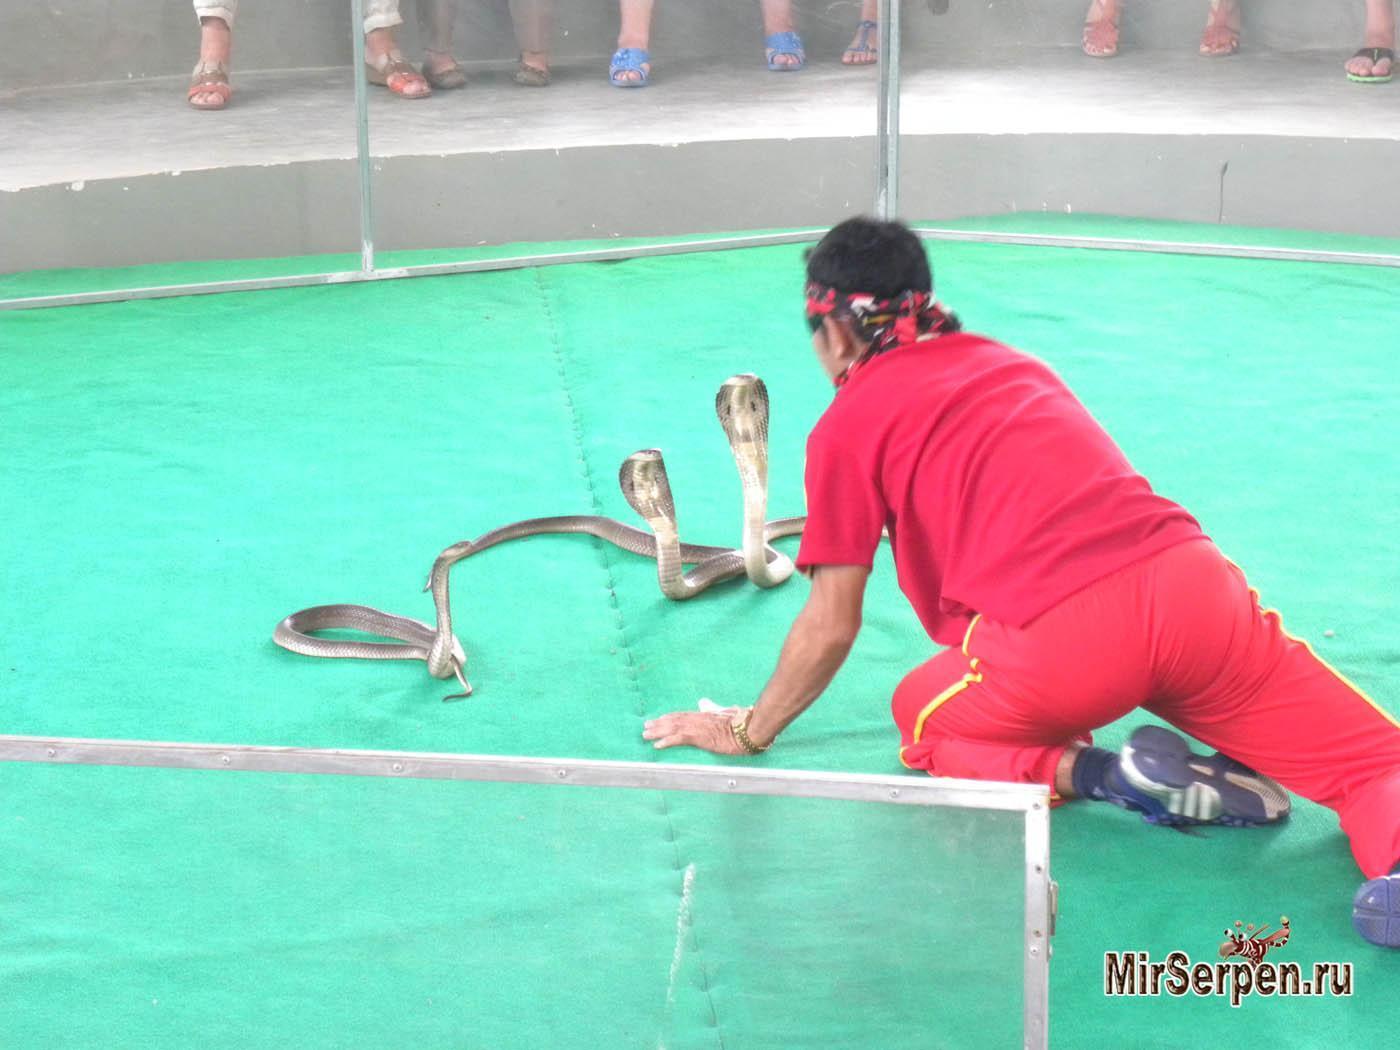 Шоу крокодилов и змей во Вьетнаме